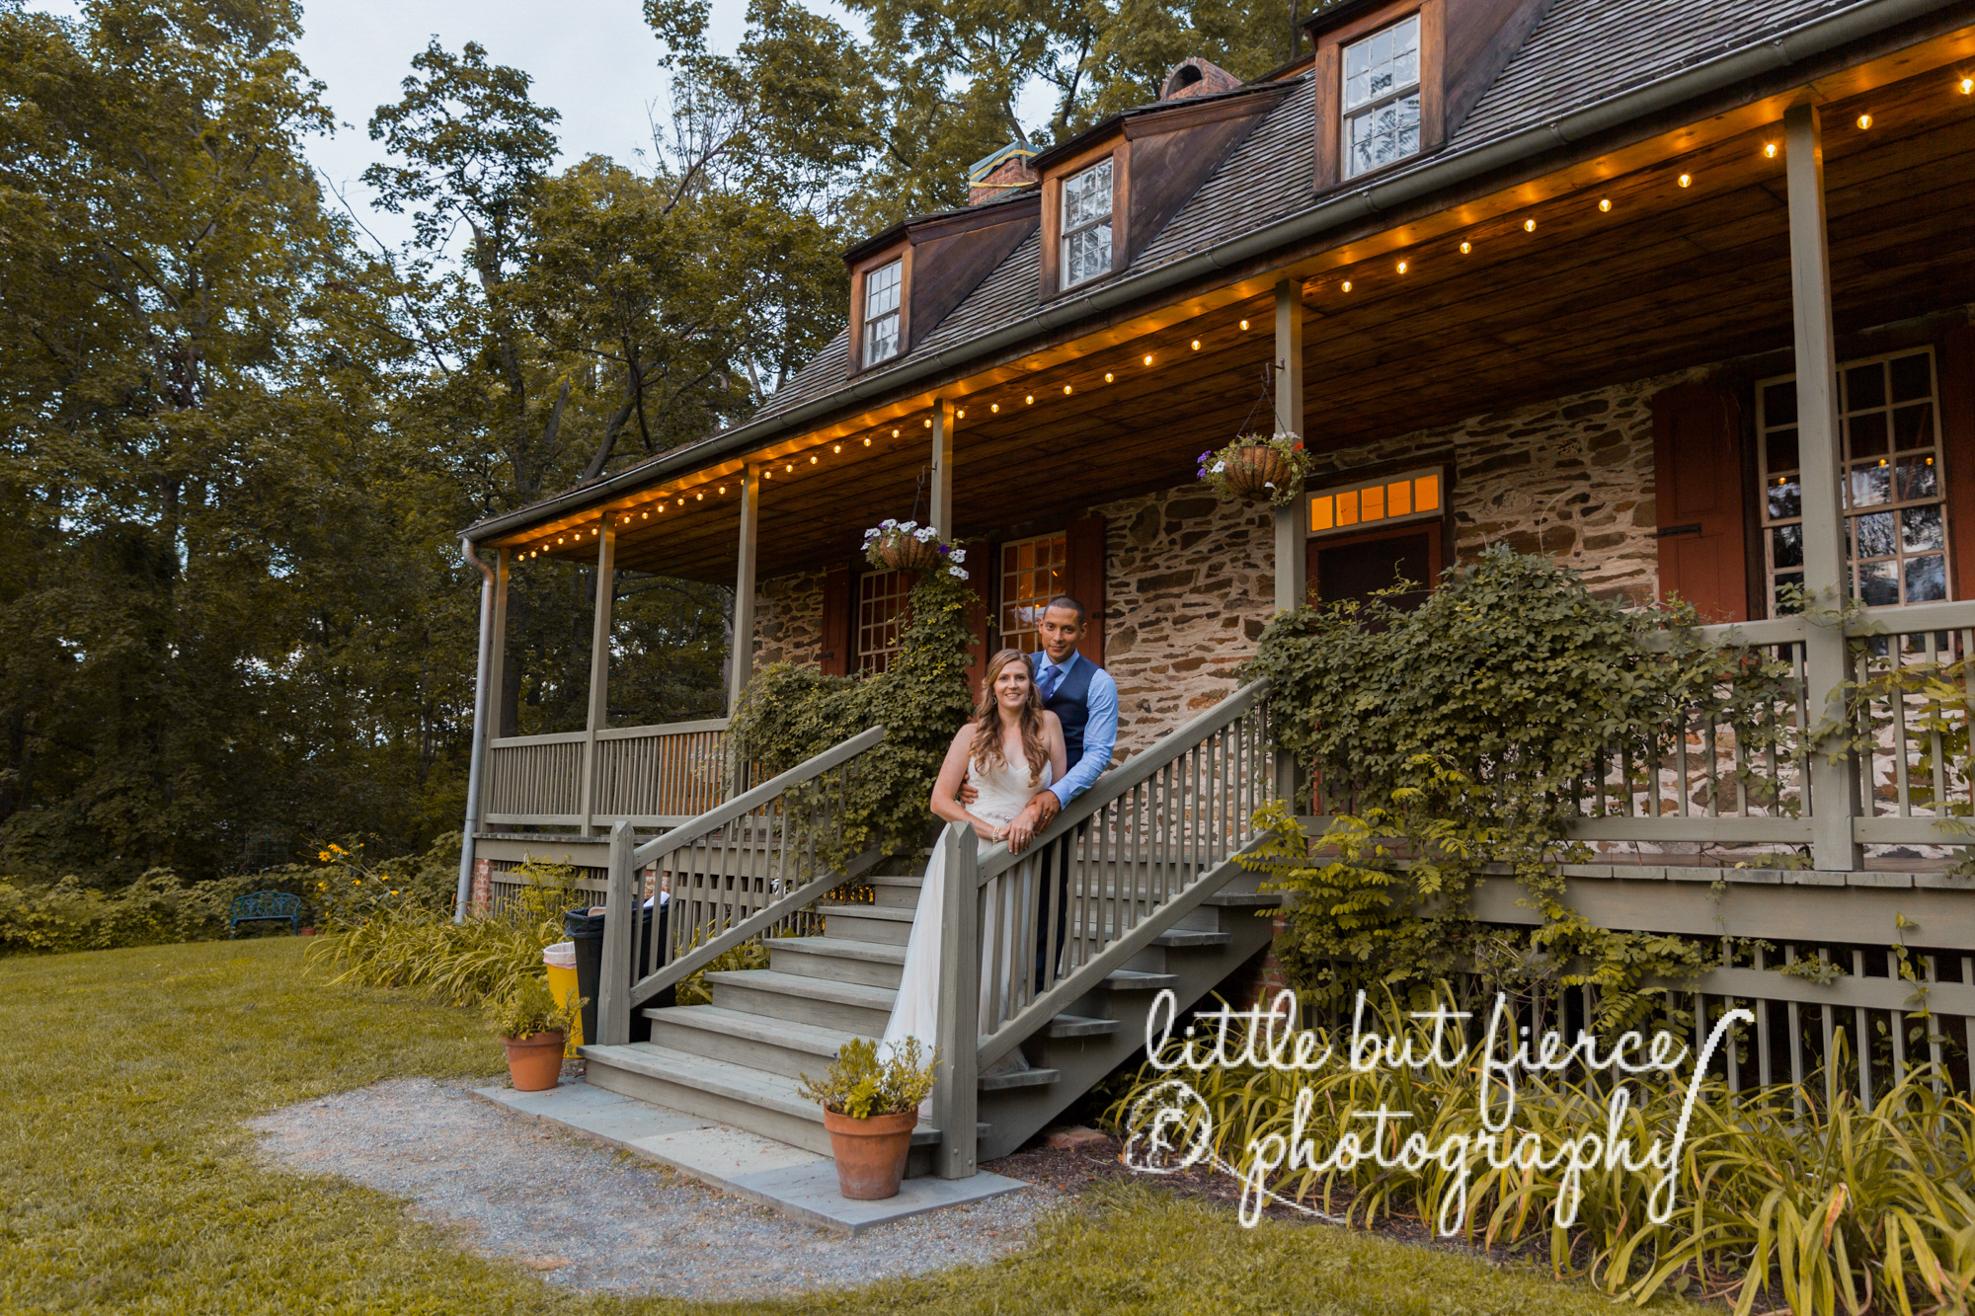 Little_But_Fierce_Photography_Hudson_Valley_Catskills_Blog_2.jpg